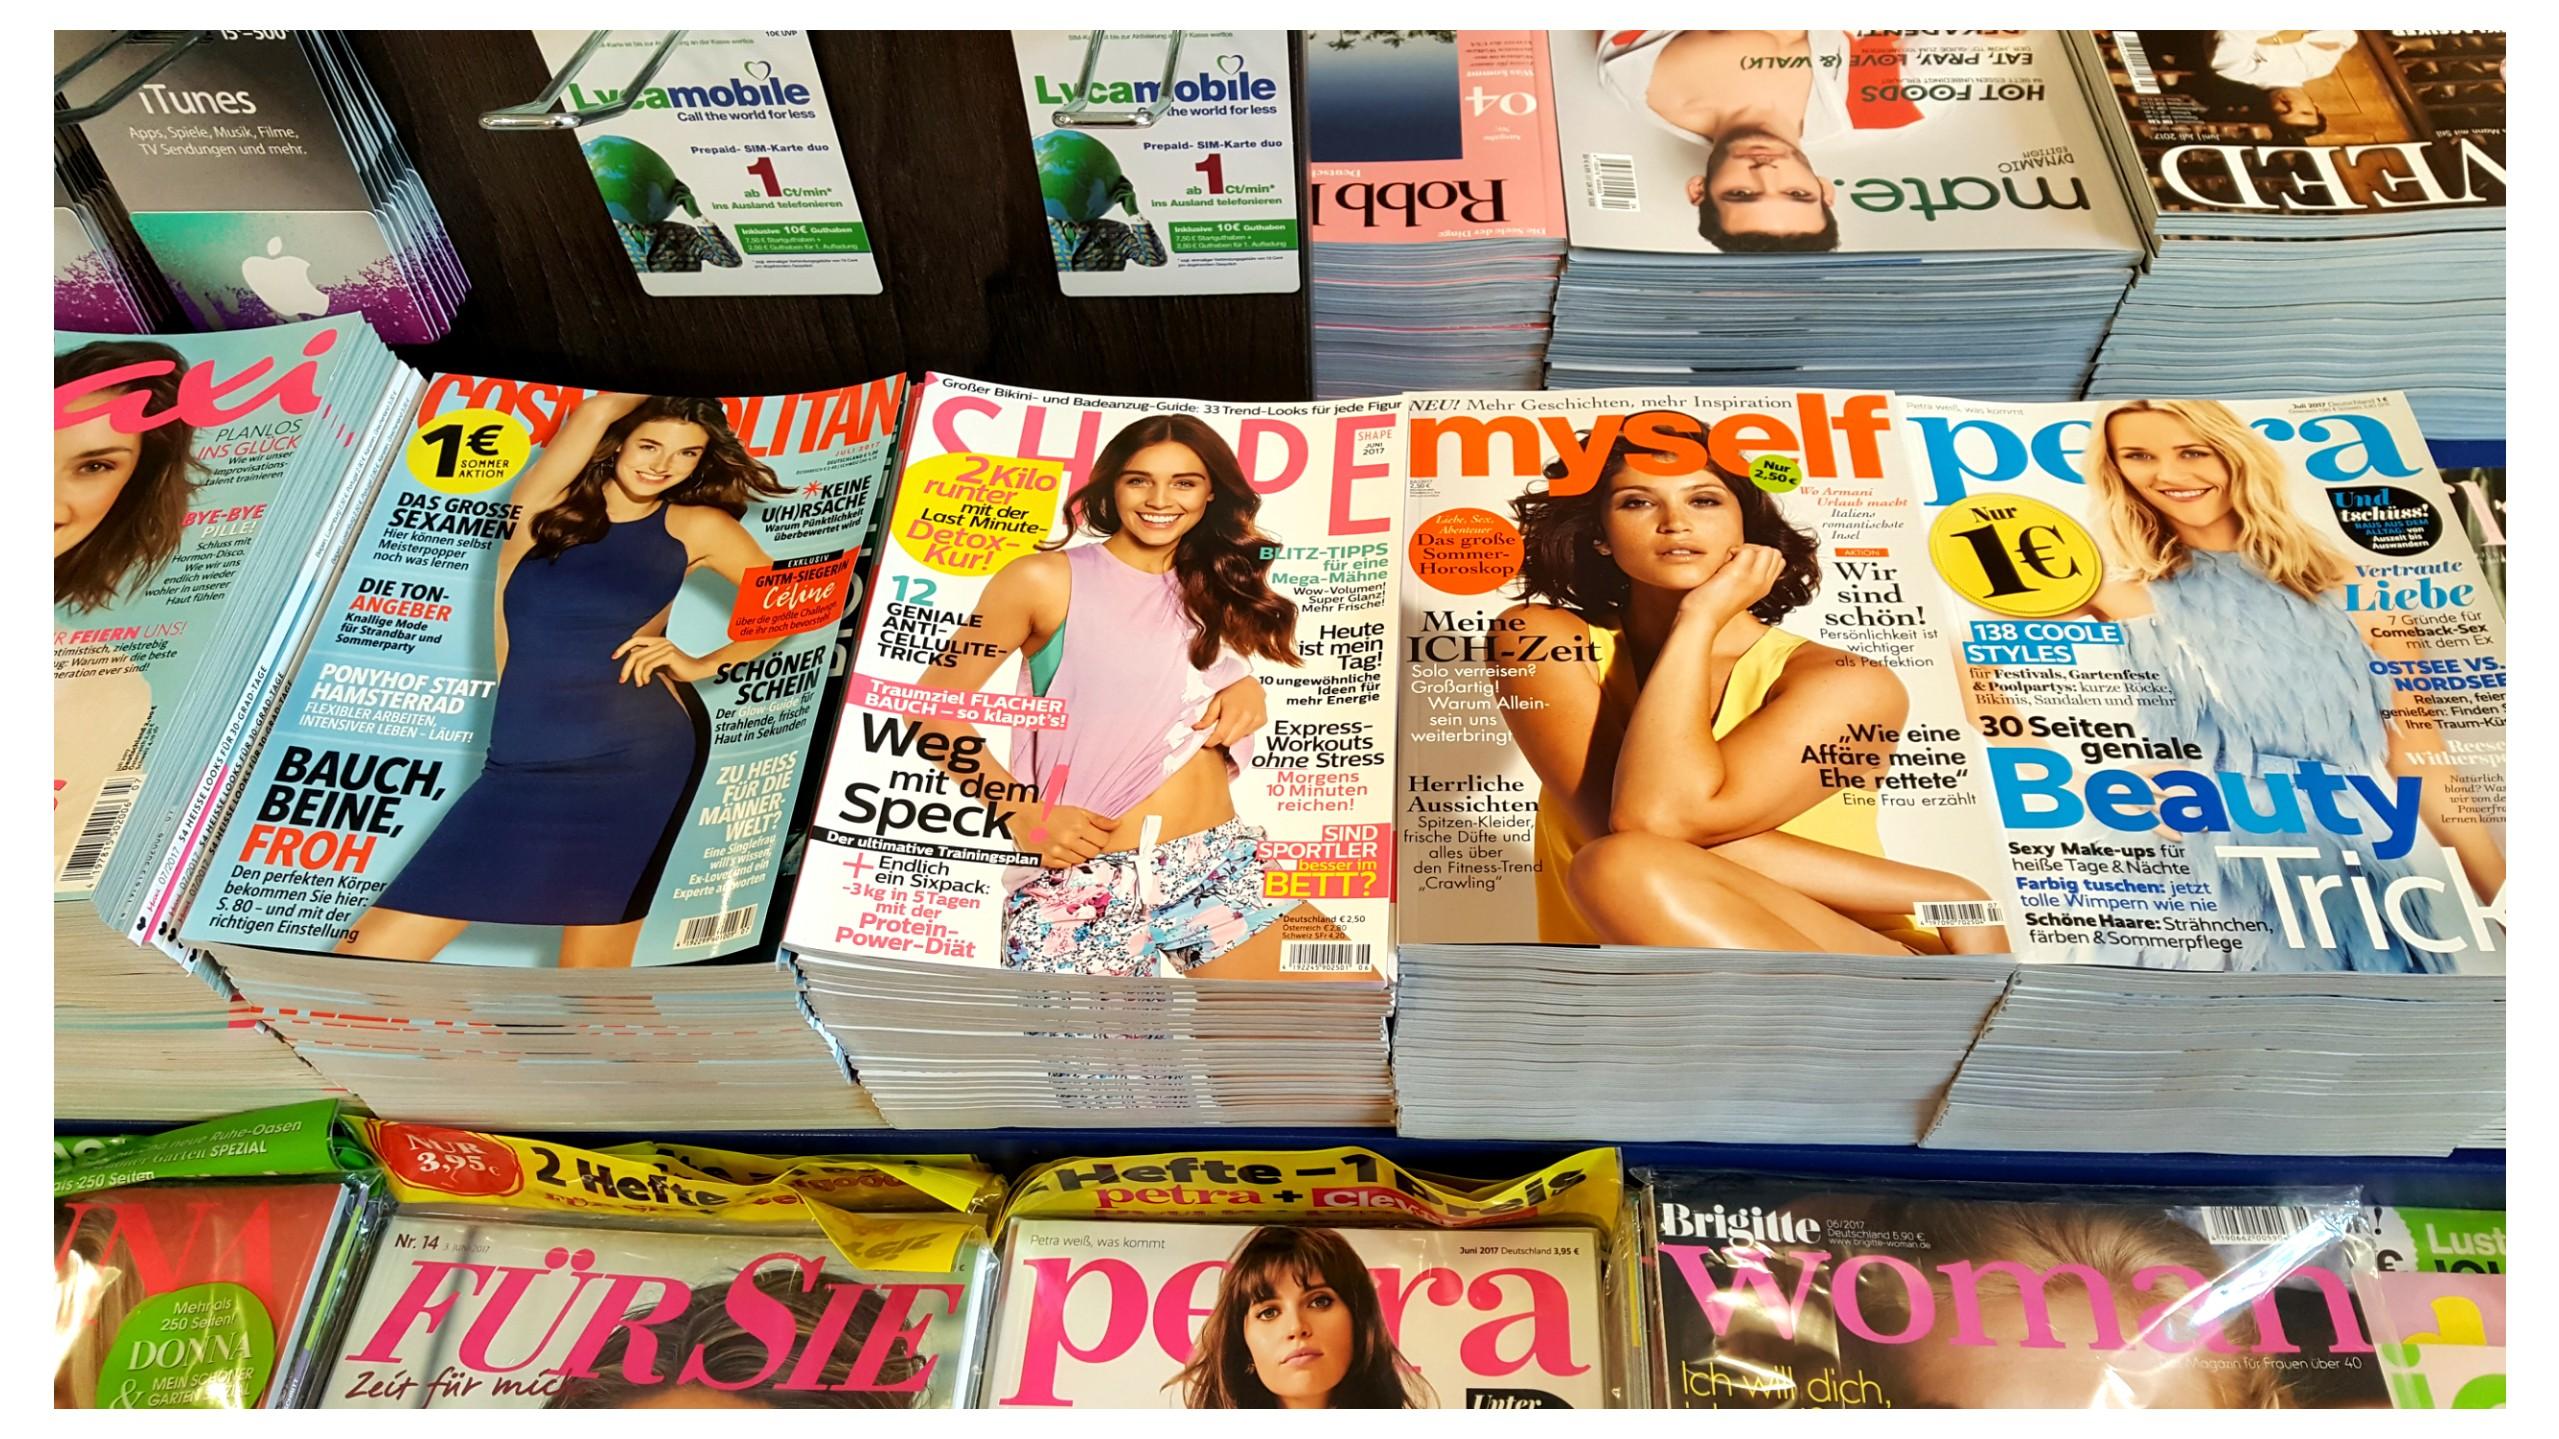 Frauenzeitschriften in einem Kiosk